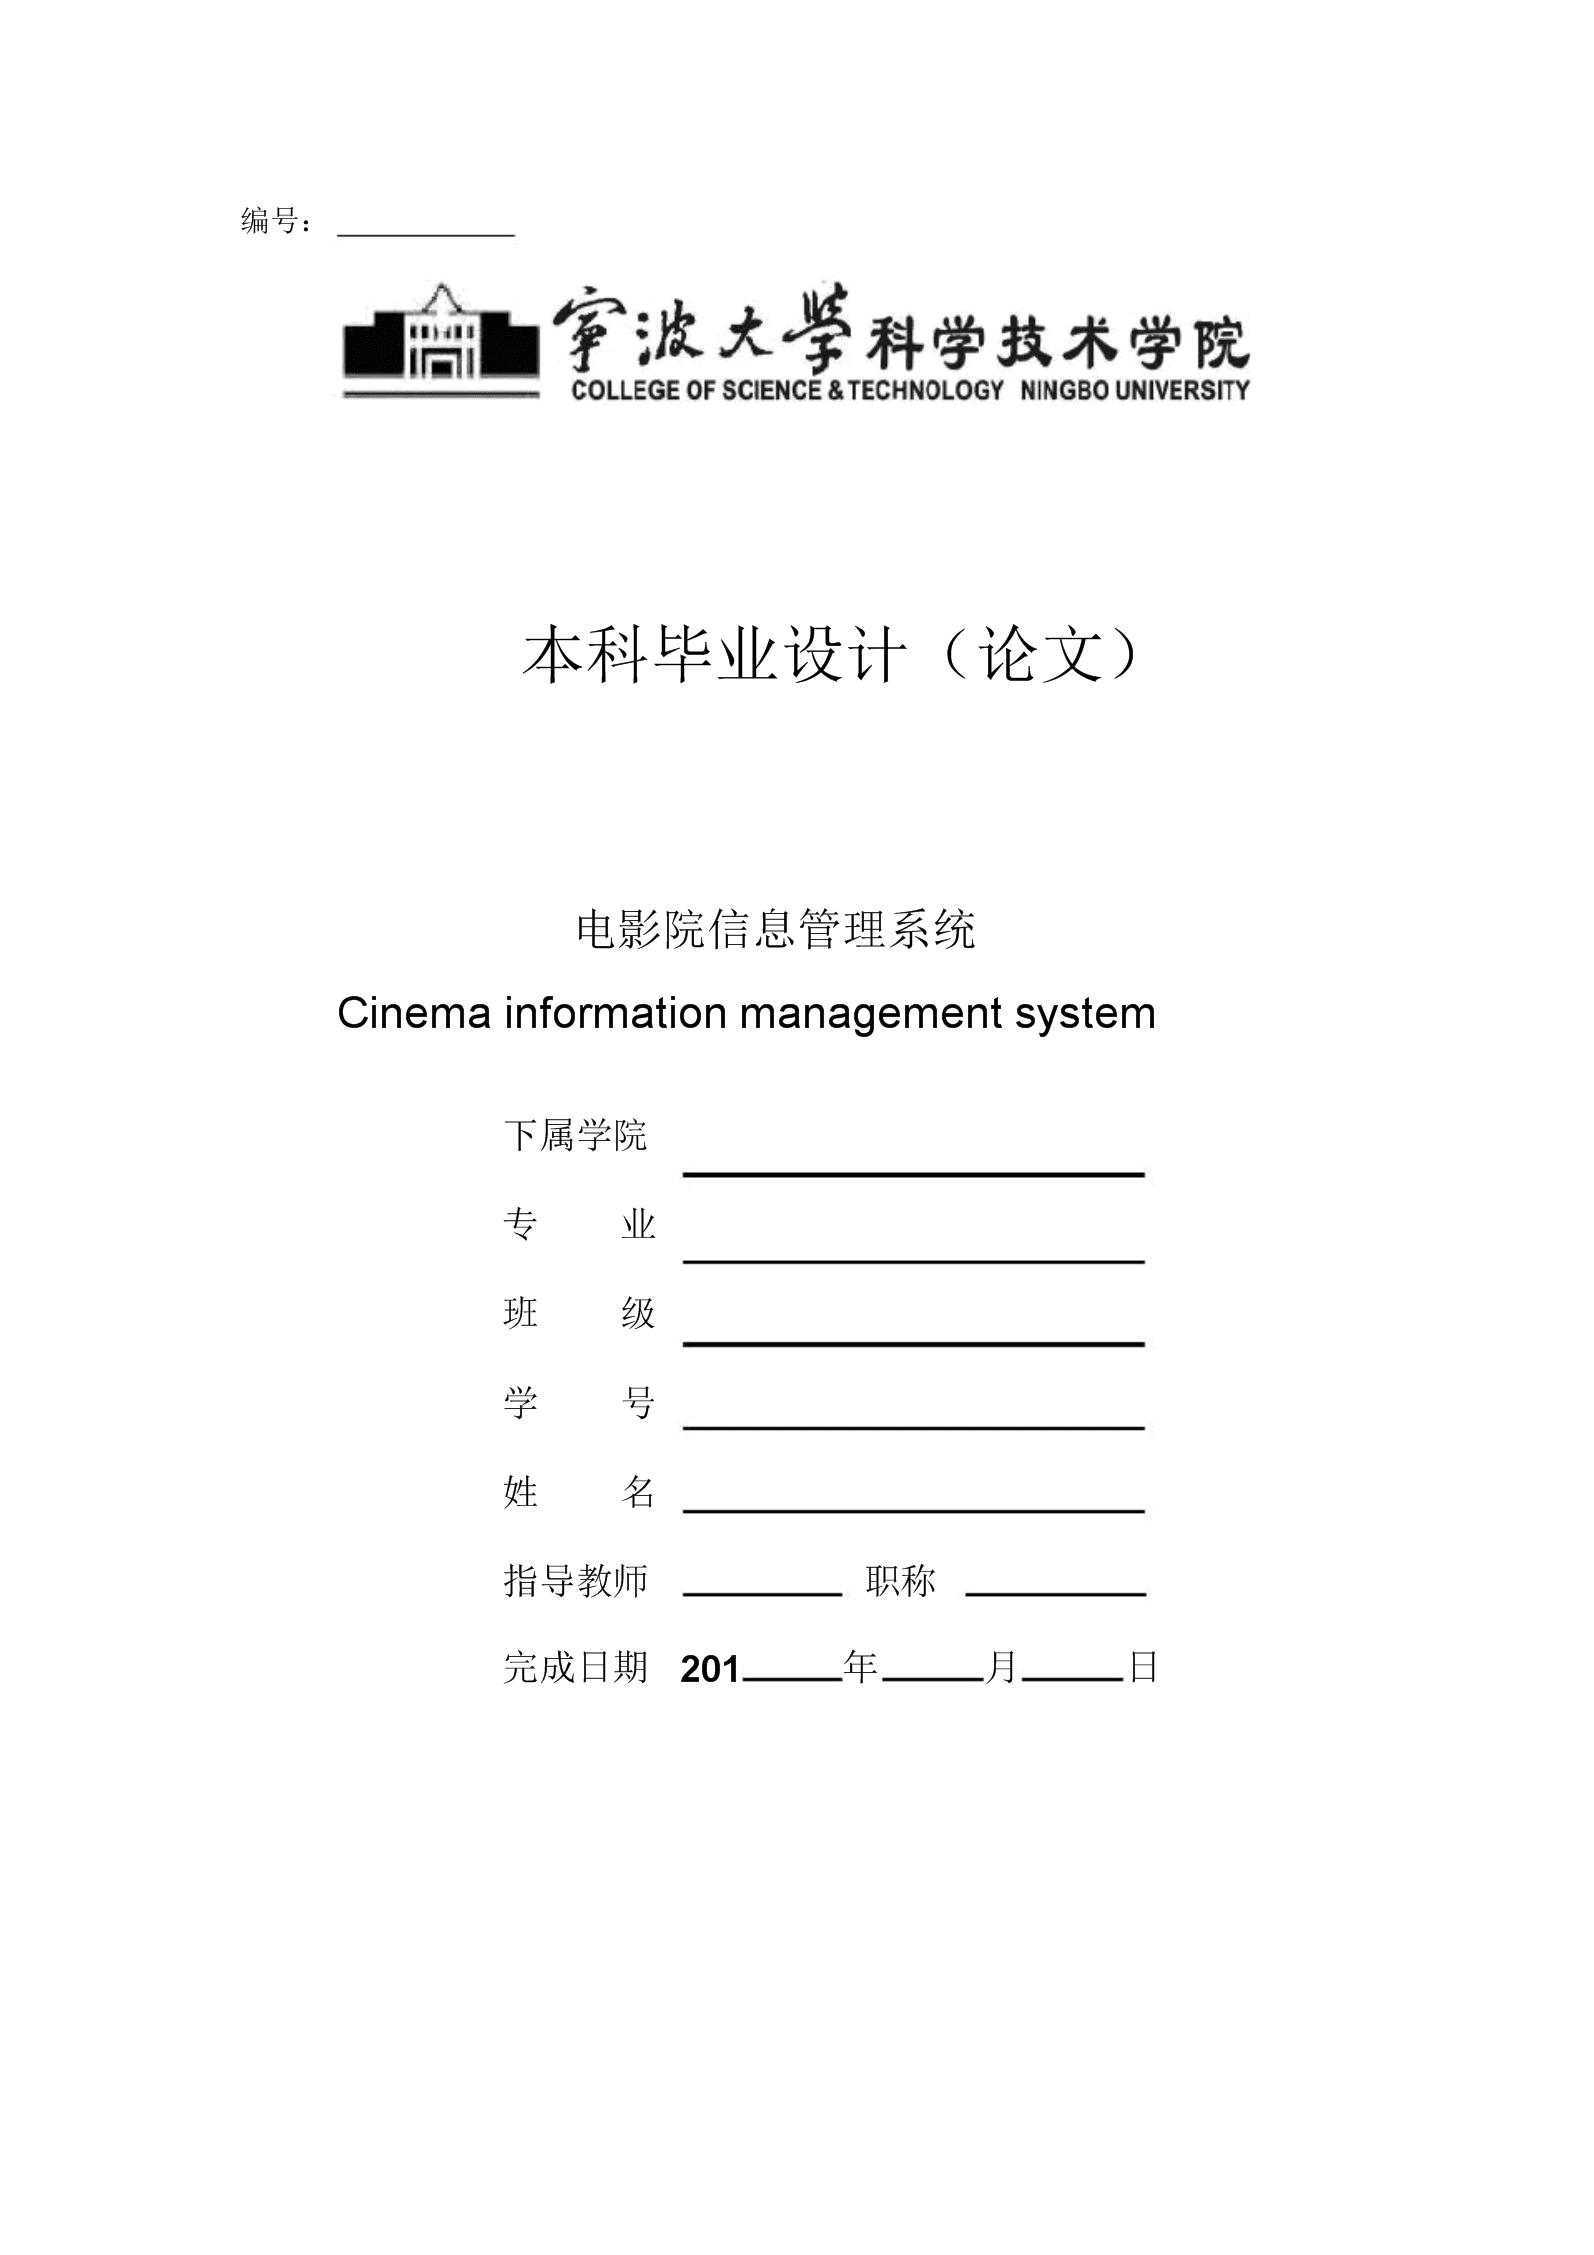 毕业设计论文--电影院信息管理系统毕业设计论文..doc